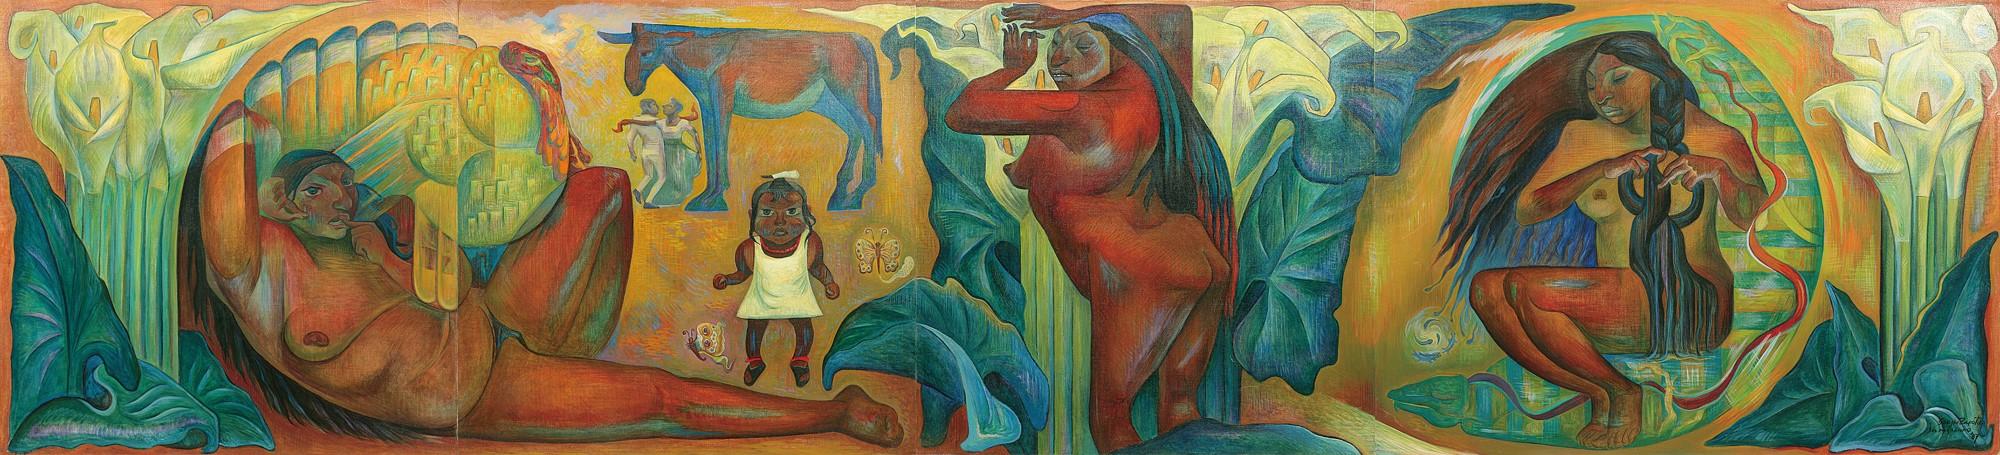 SangreZapoteca_1987-100×439